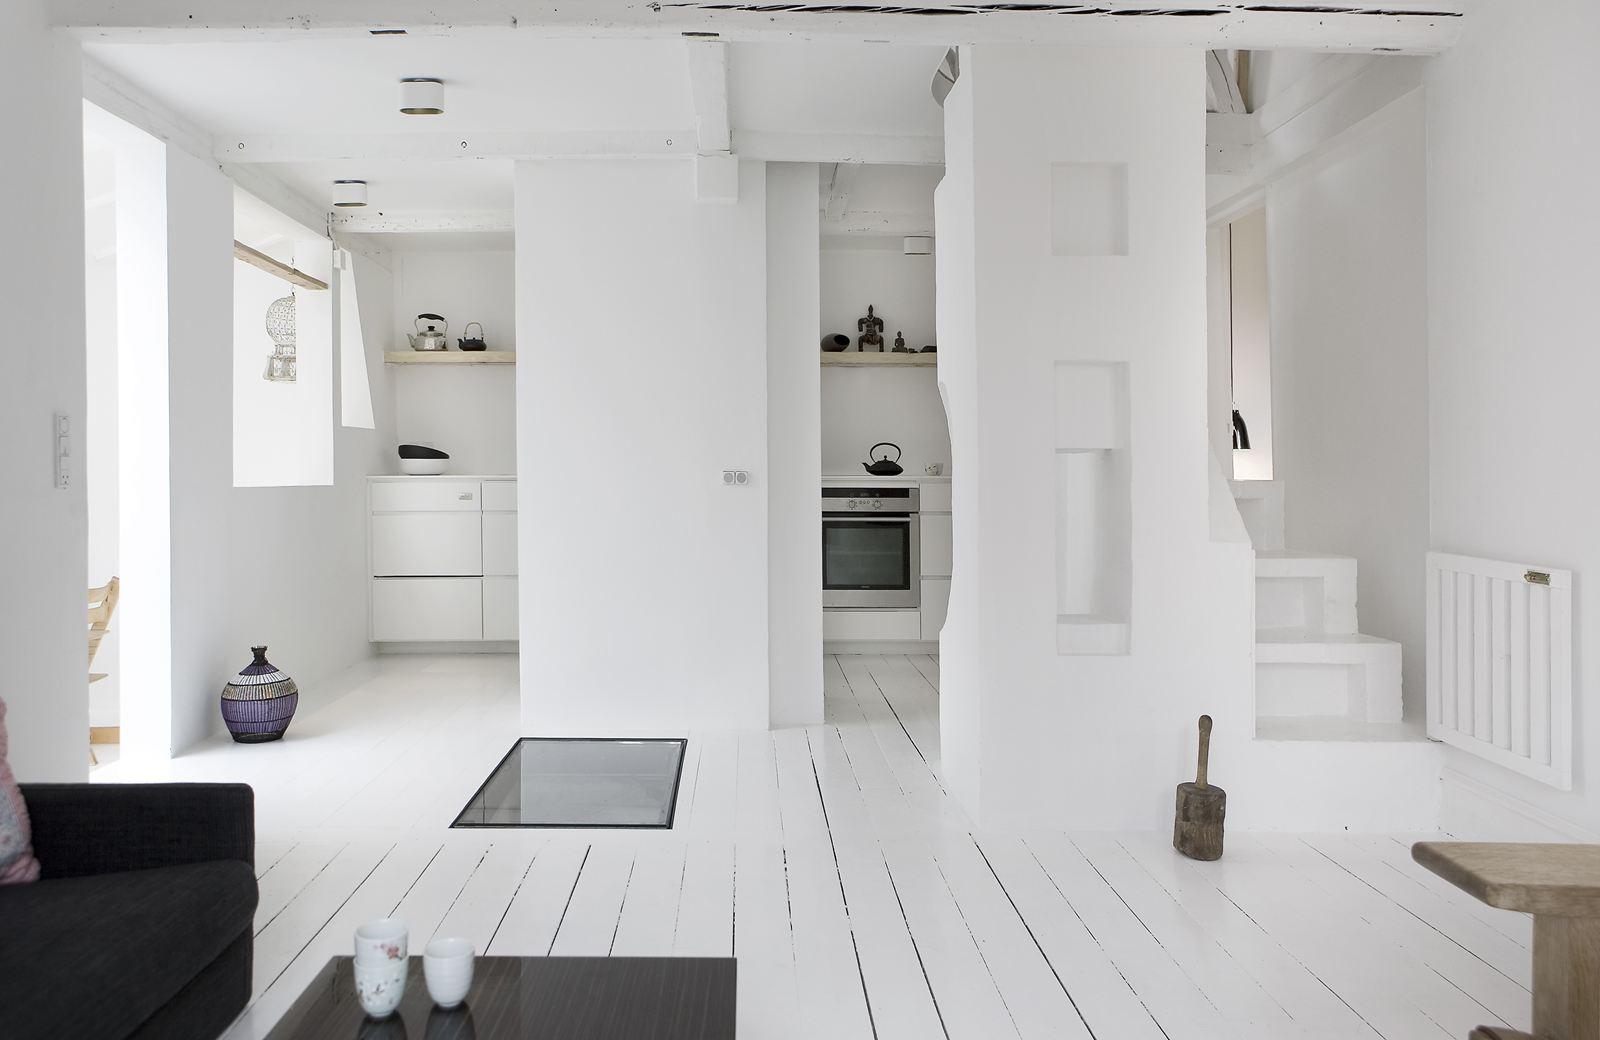 Dividere senza pareti salotto e cucina - Cucina e salotto ...